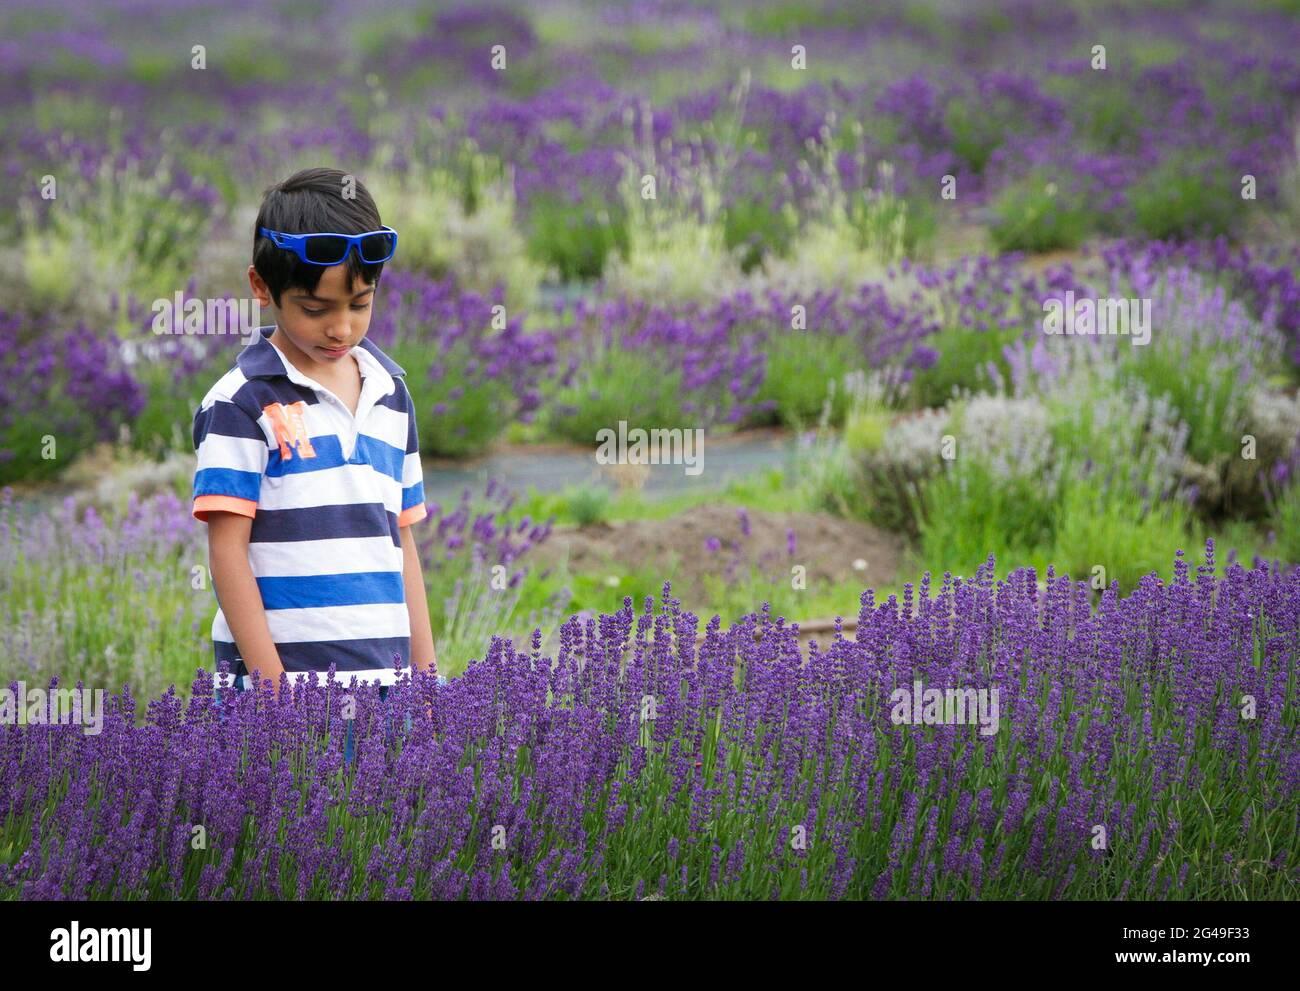 Richmond, Canadá. 19th de junio de 2021. Un niño visita una granja de lavanda en Richmond, British Columbia, Canadá, 19 de junio de 2021. Crédito: Liang Sen/Xinhua/Alamy Live News Foto de stock